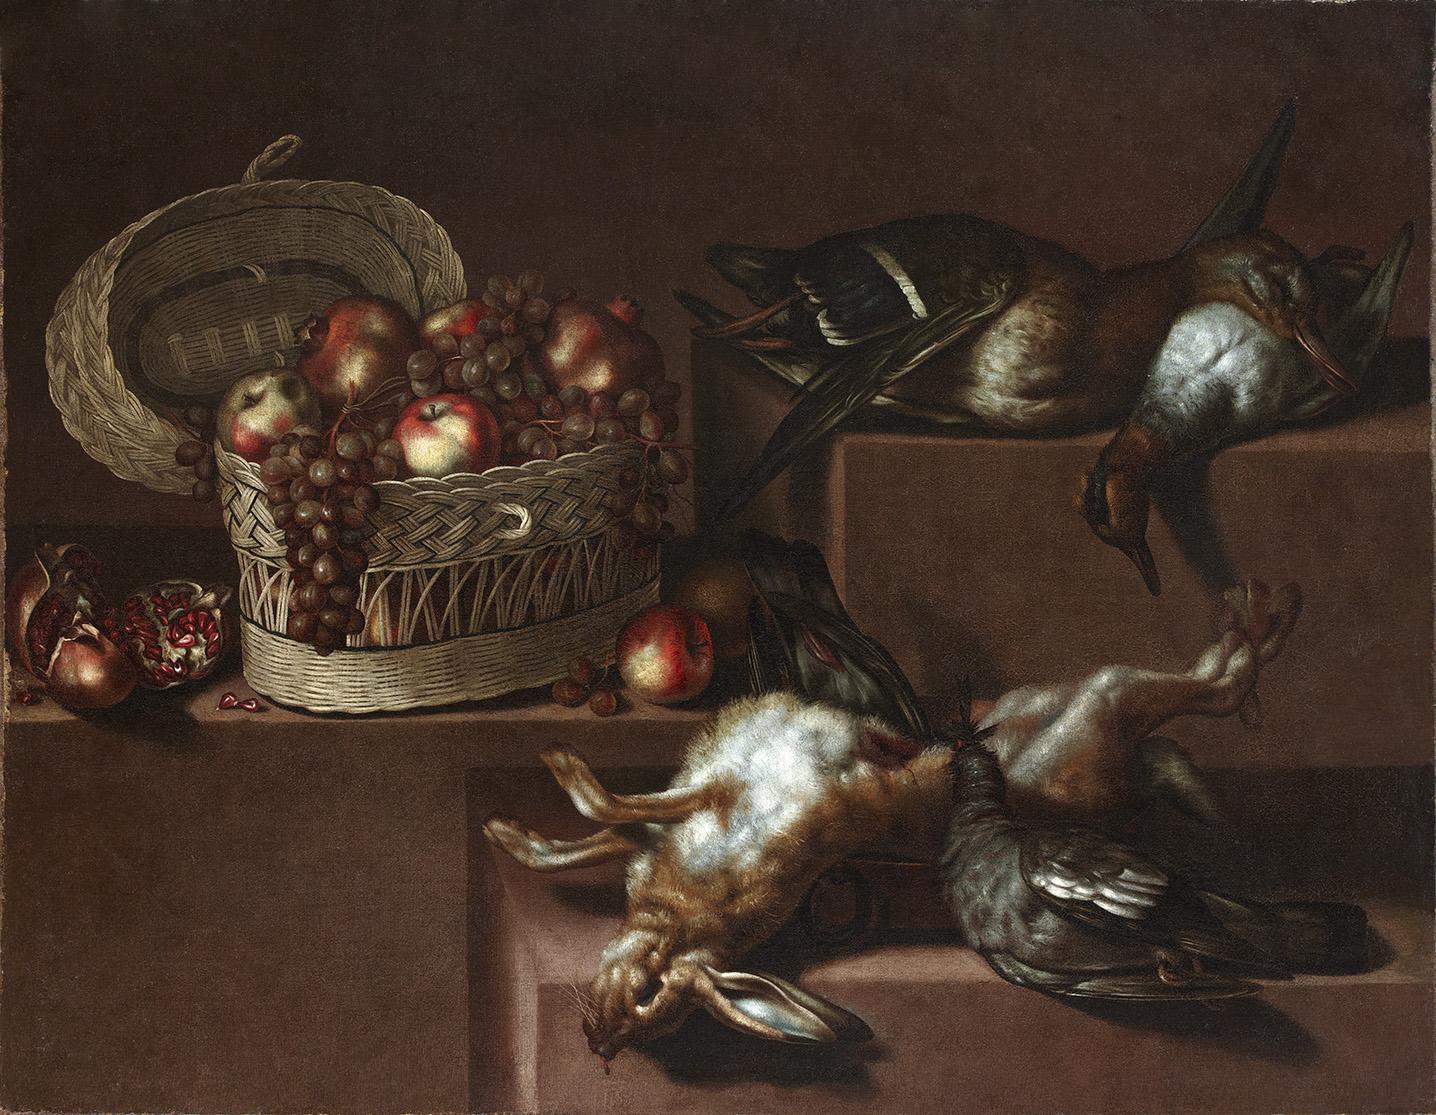 Antonio-Ponce-Bodegon-con-cesto-de-fruta-anades-paloma-y-liebre